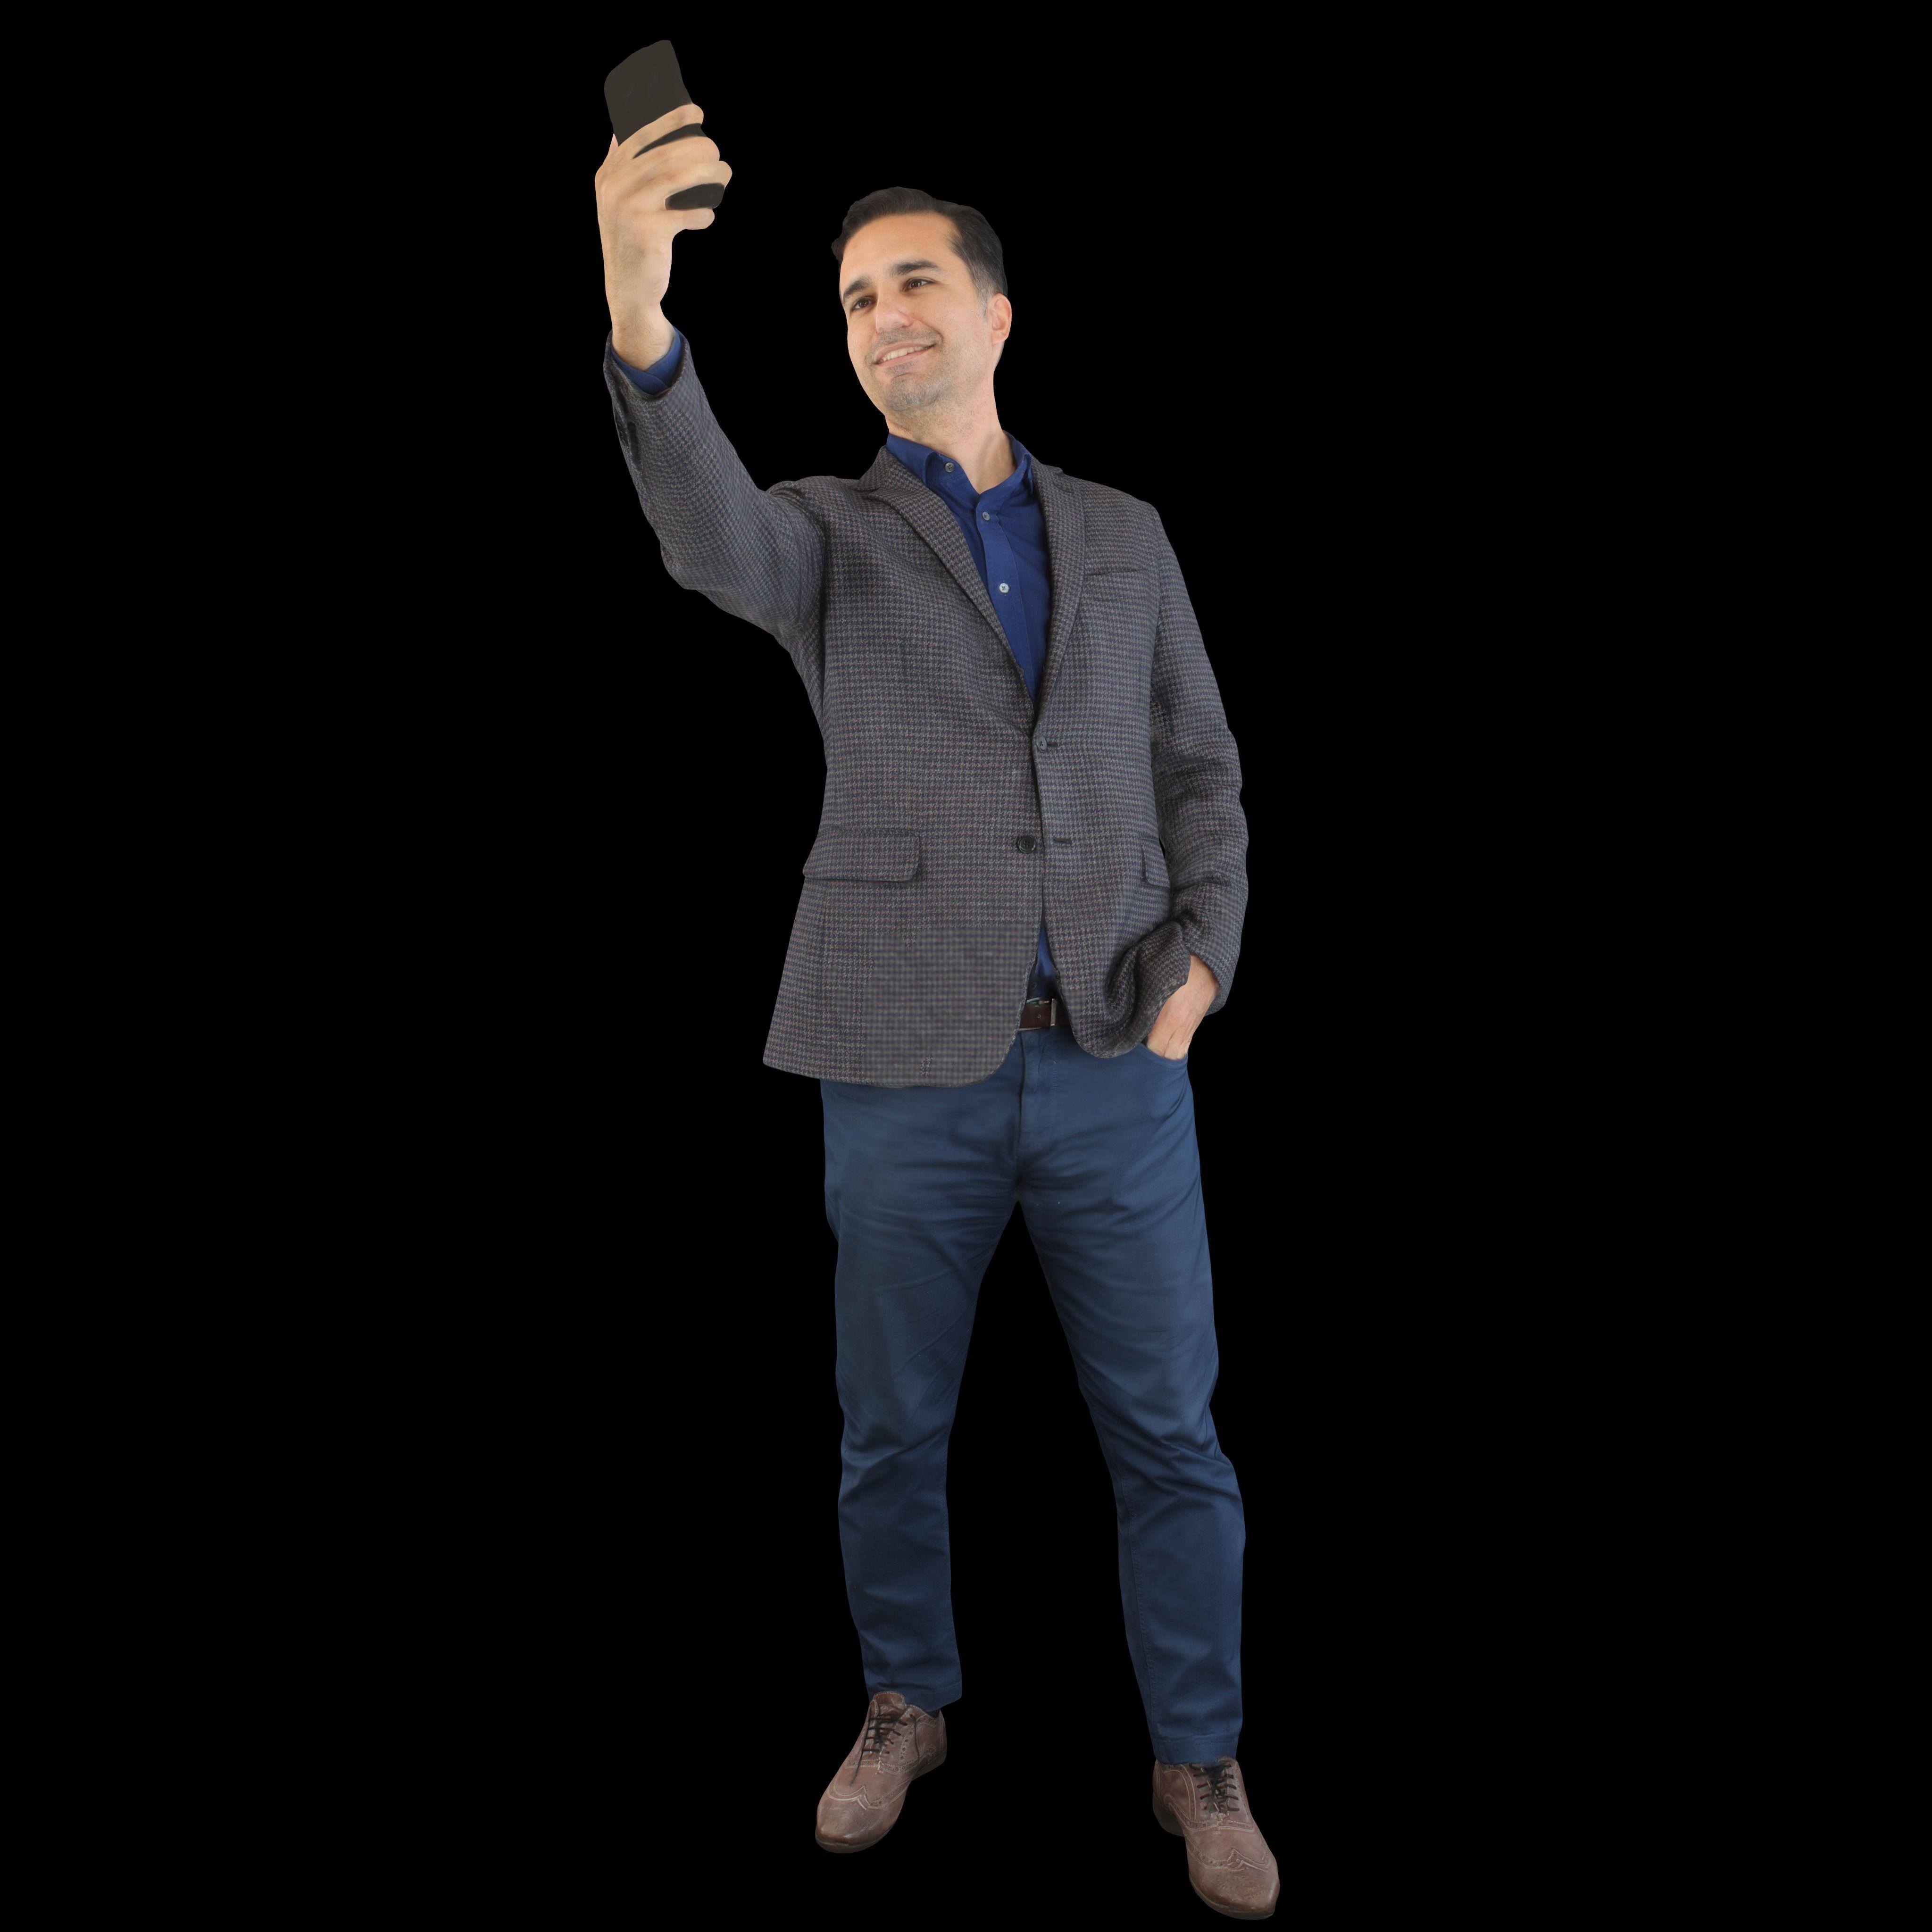 No347 - Selfie Guy